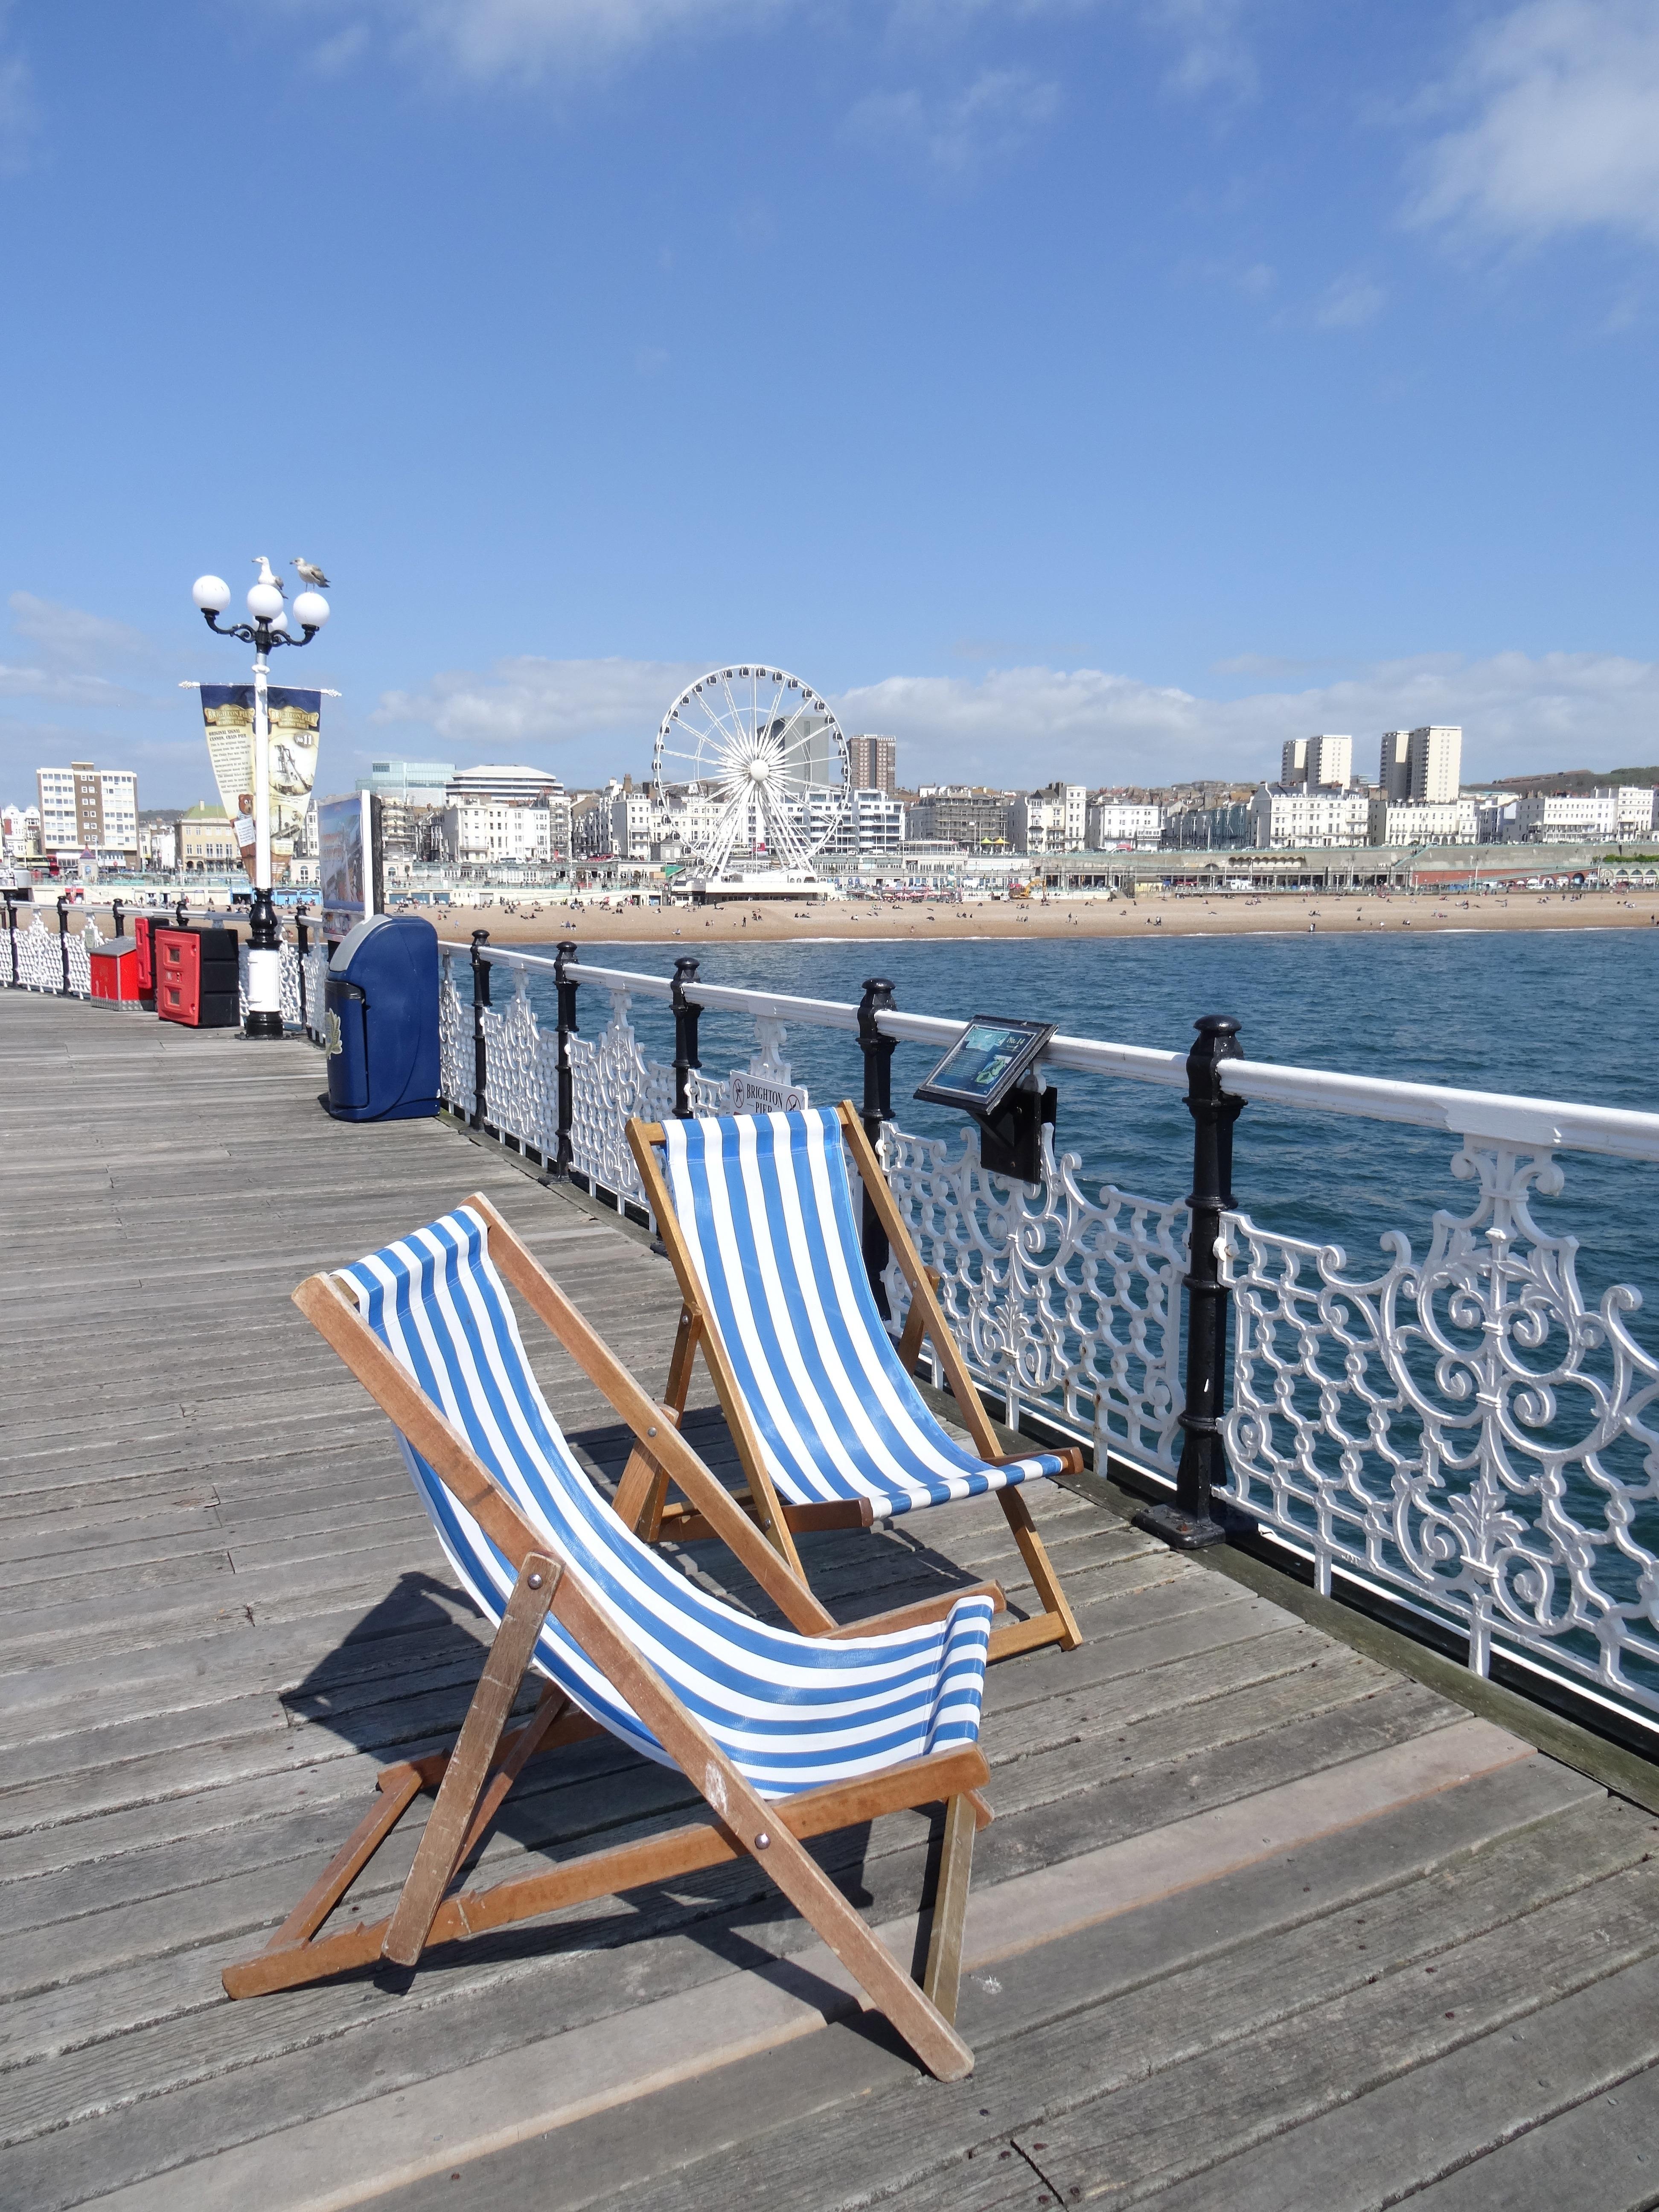 Fotos gratis : playa, mar, costa, muelle, Paseo marítimo, Pasarela ...